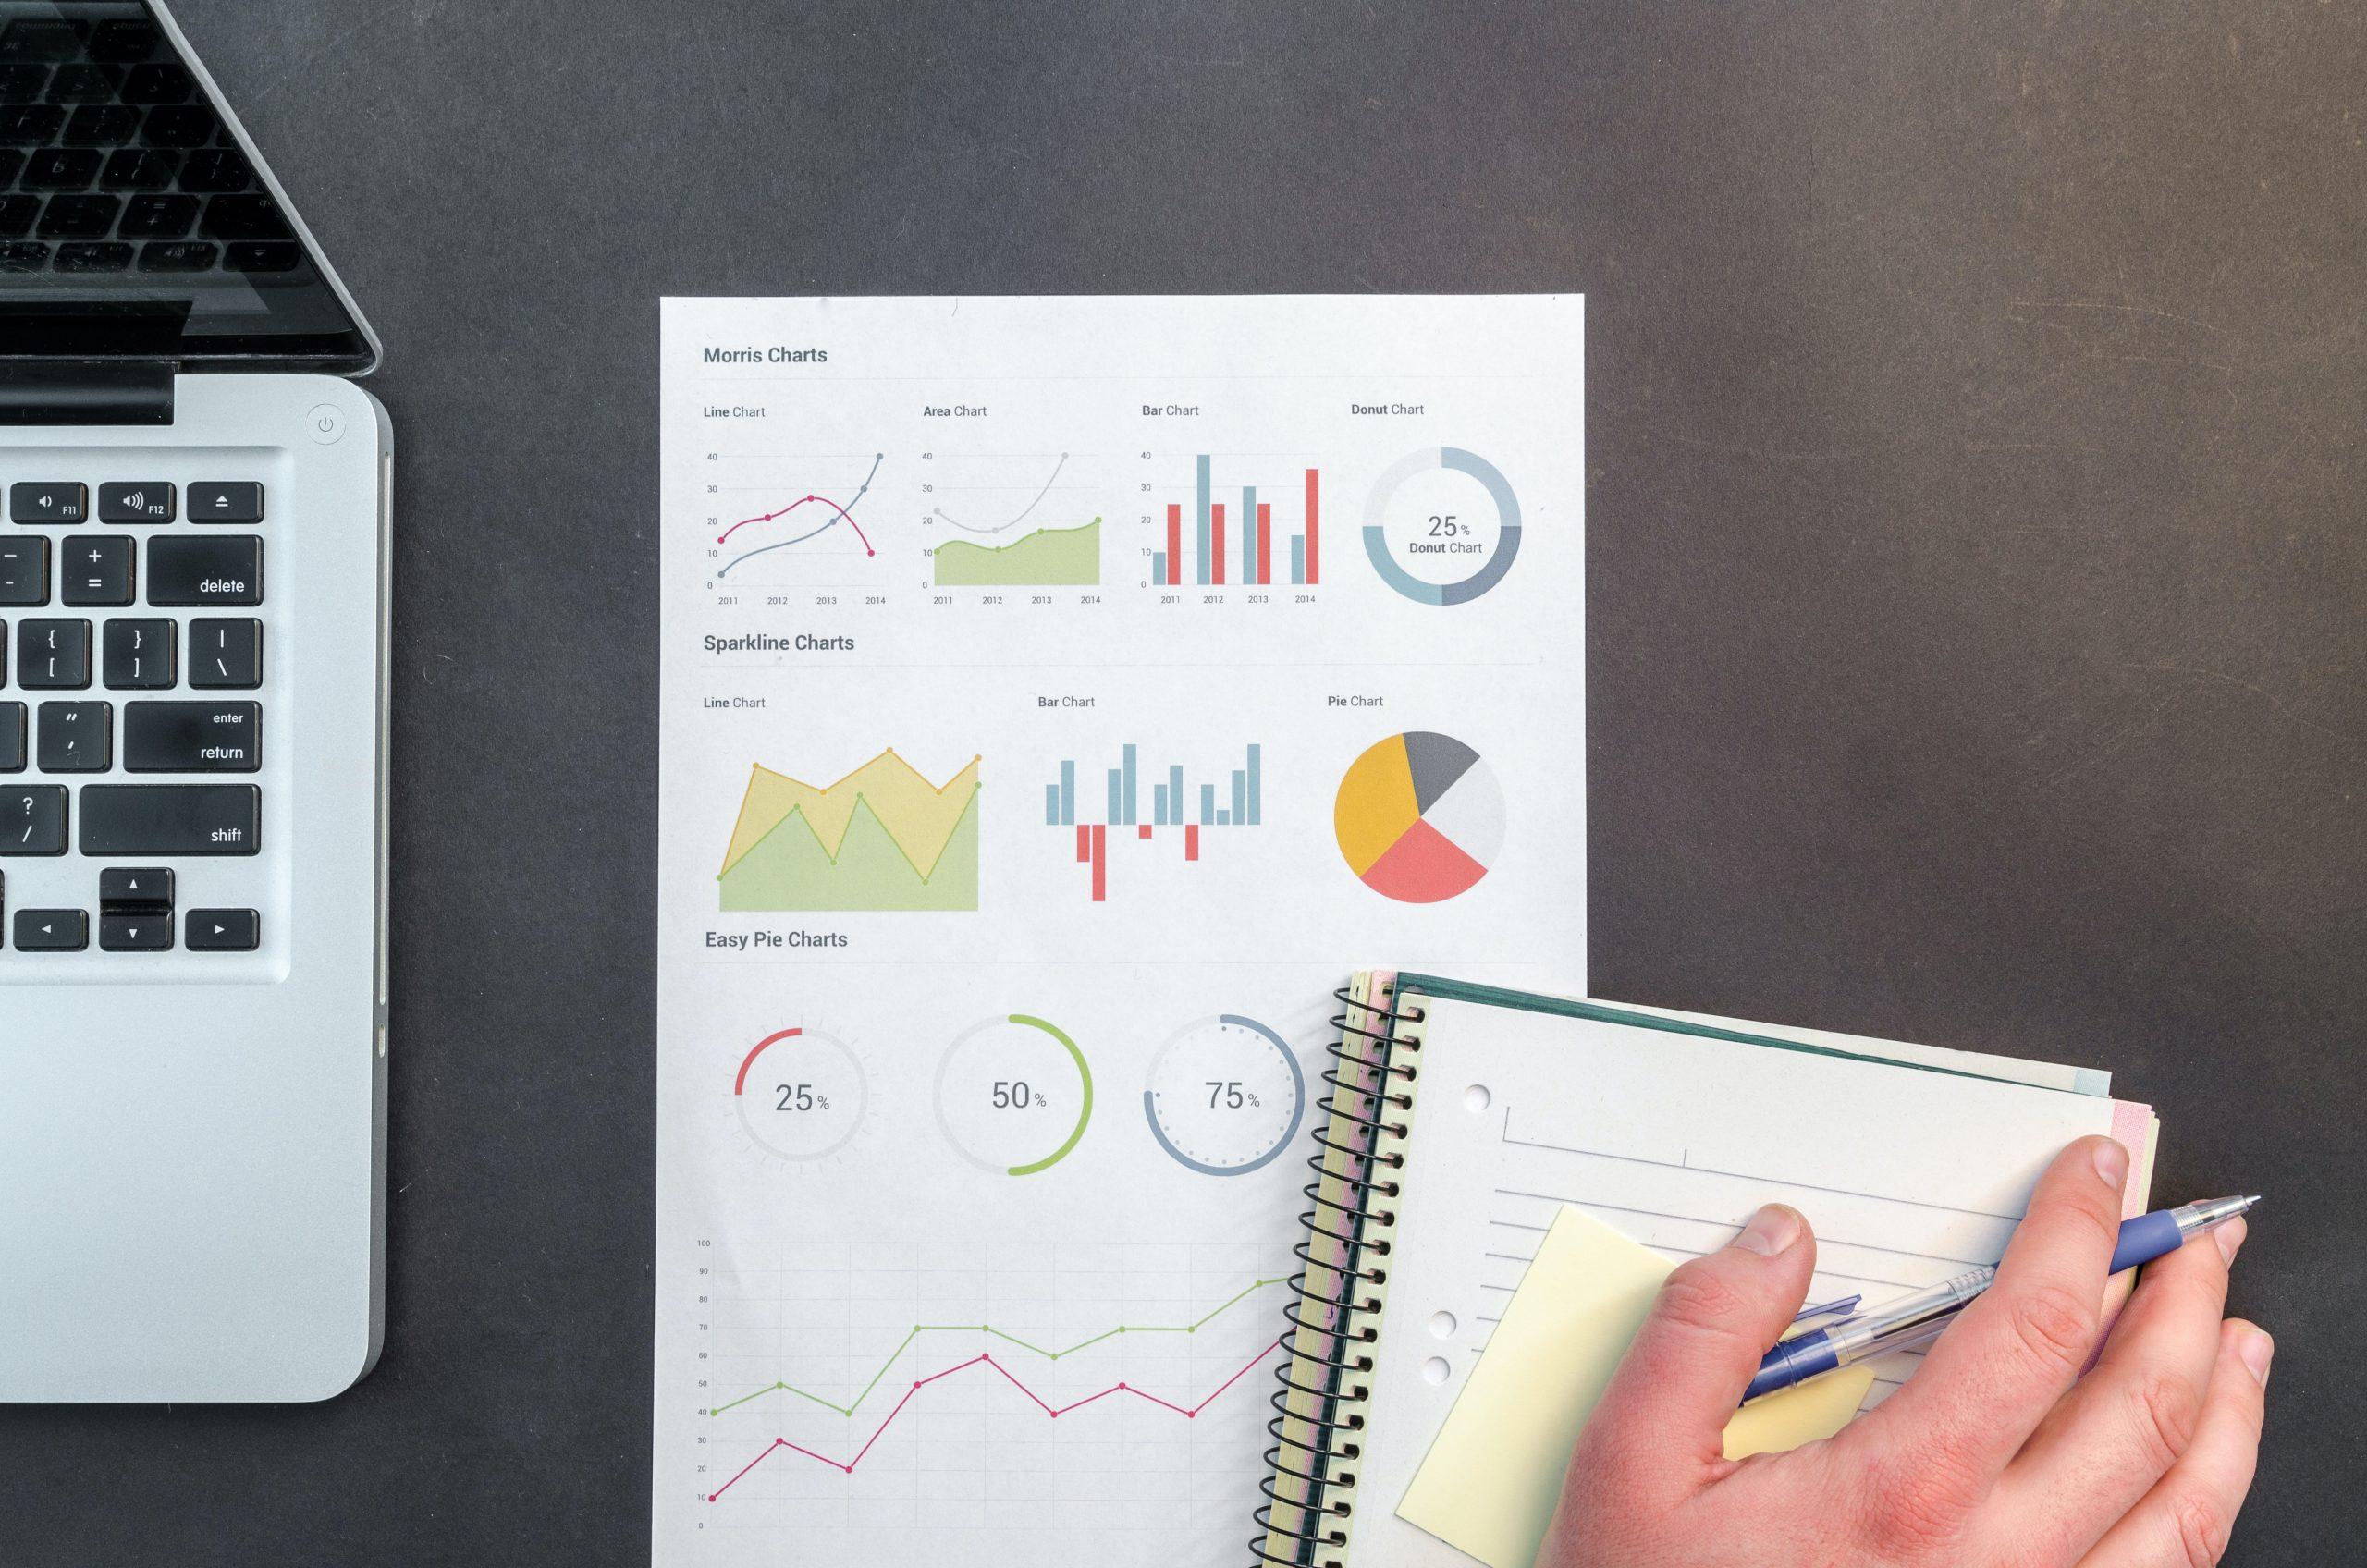 Um caderno no centro da imagem com gráficos financeiros. A direita, uma mão sobre um caderno. A esquerda, um notebook aparecendo pela metade.